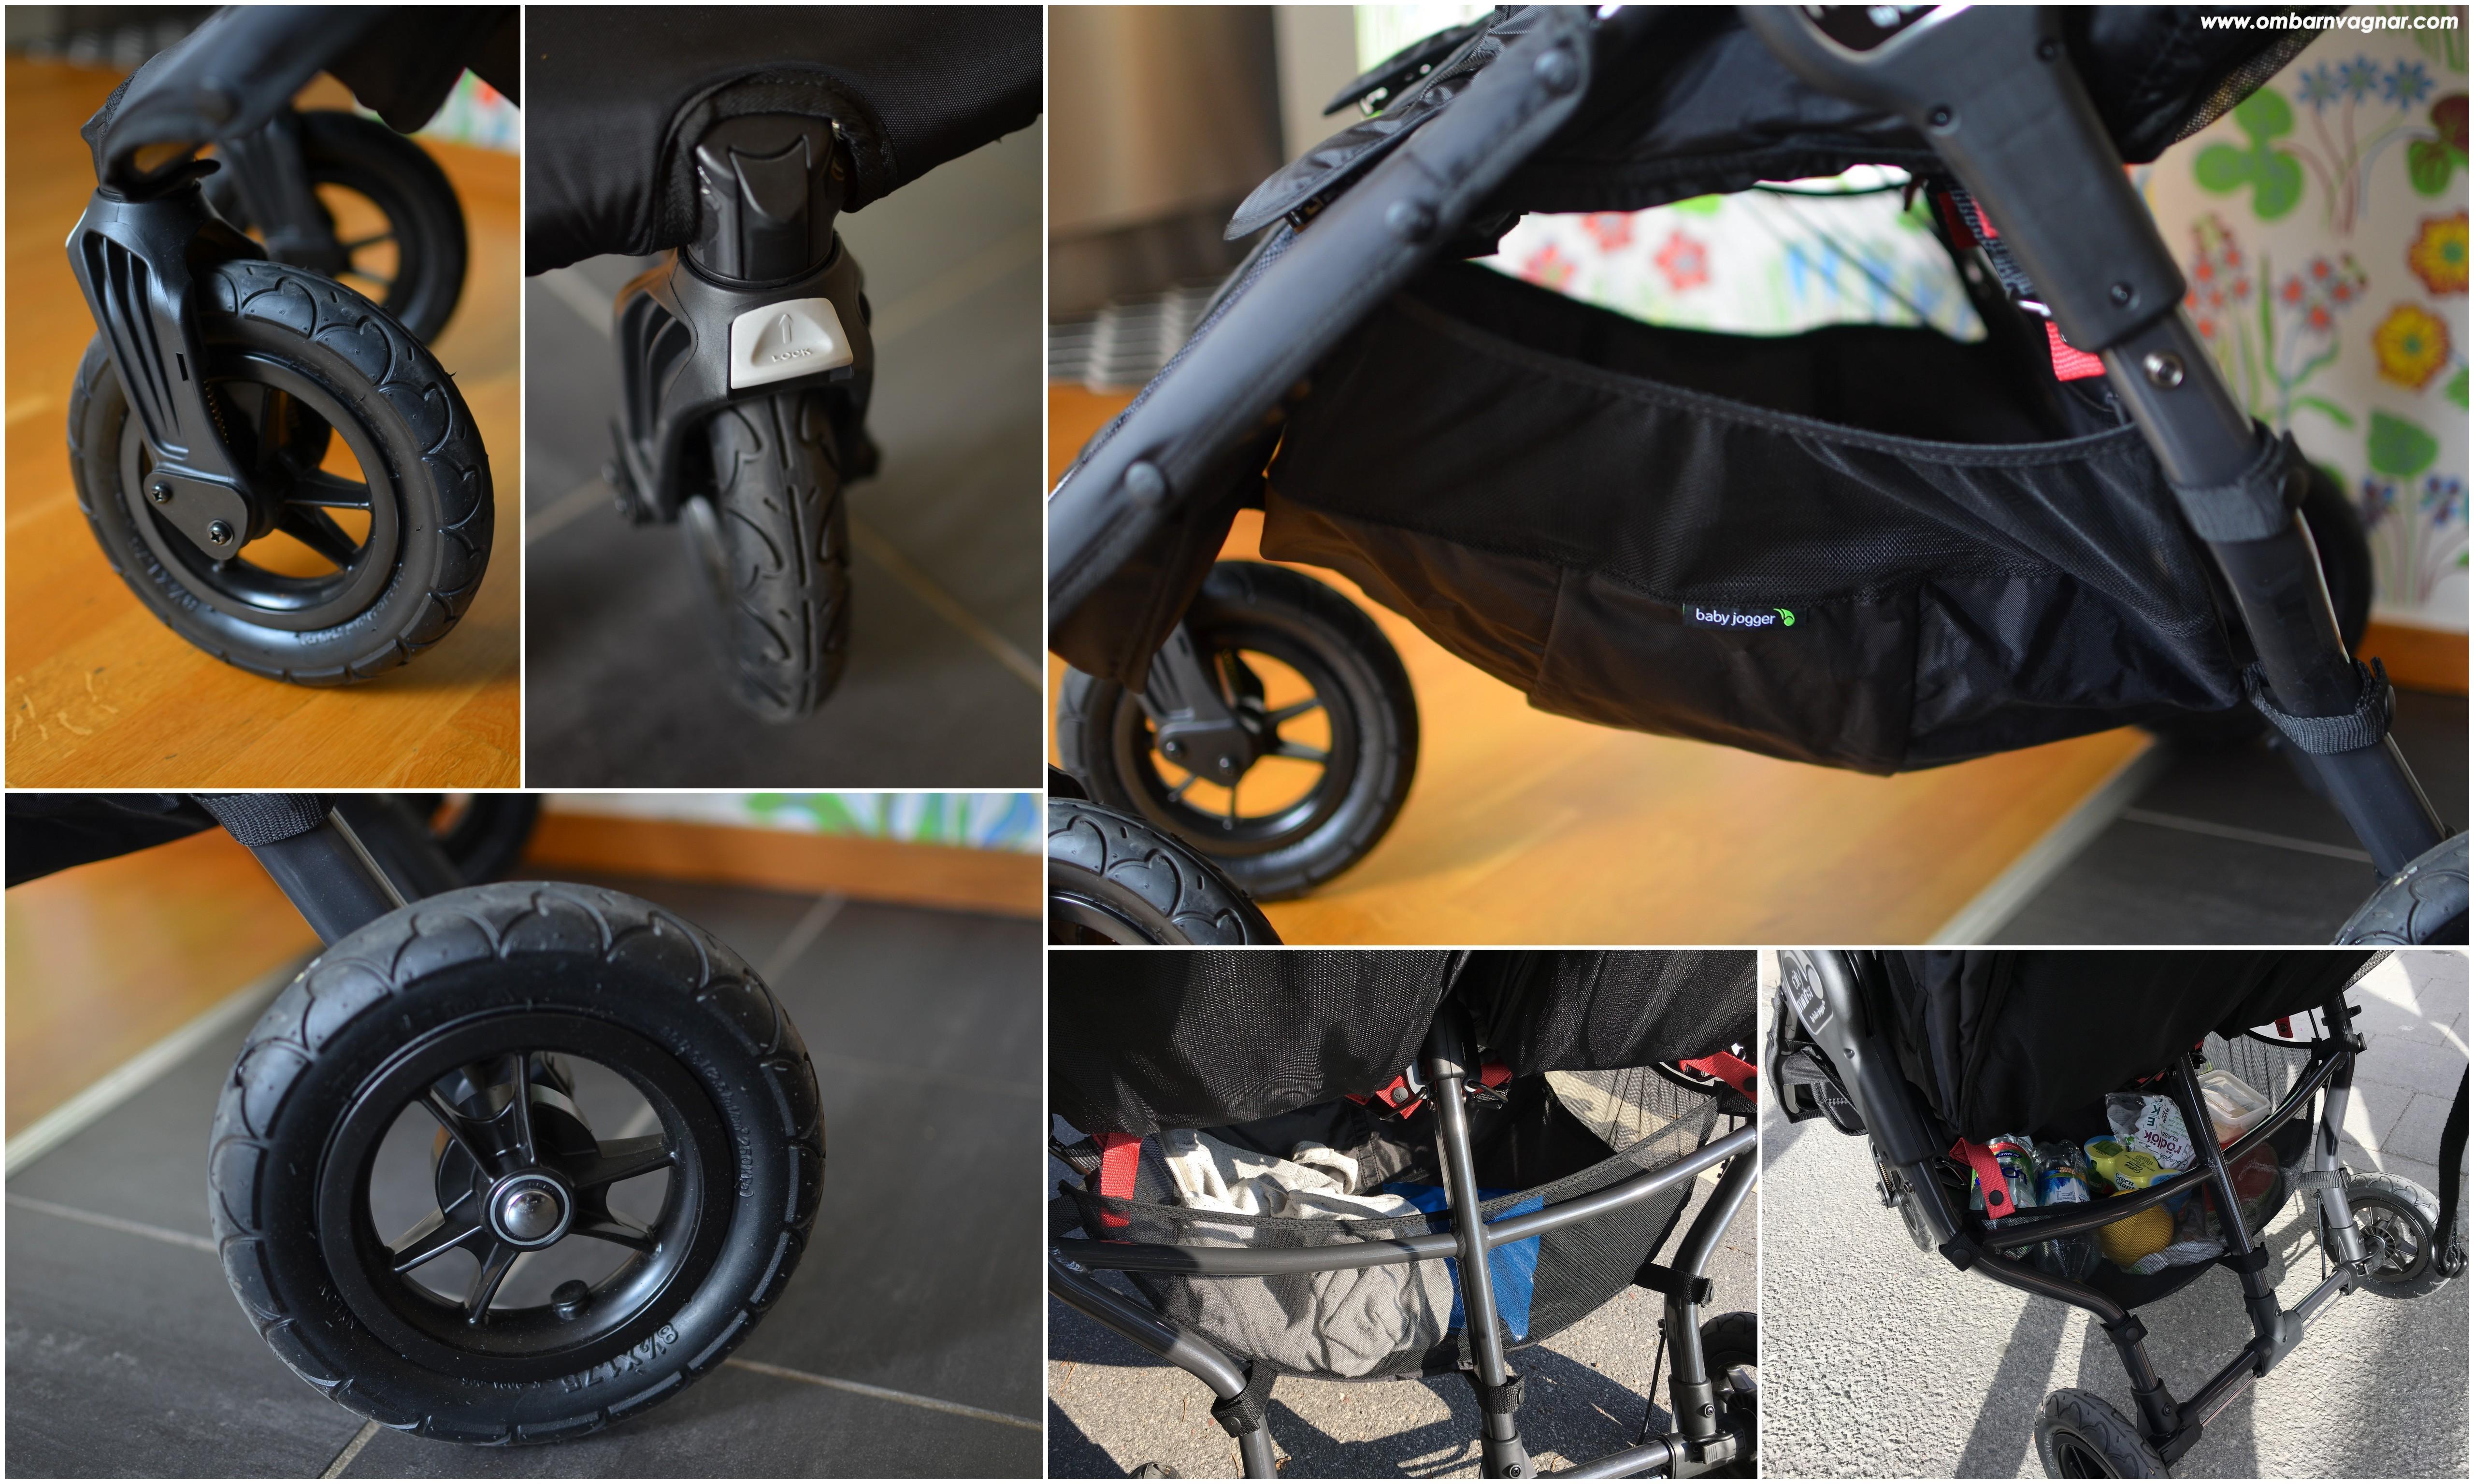 Baby Jogger City Mini GT Double har skumfyllda hjul och stor varukorg